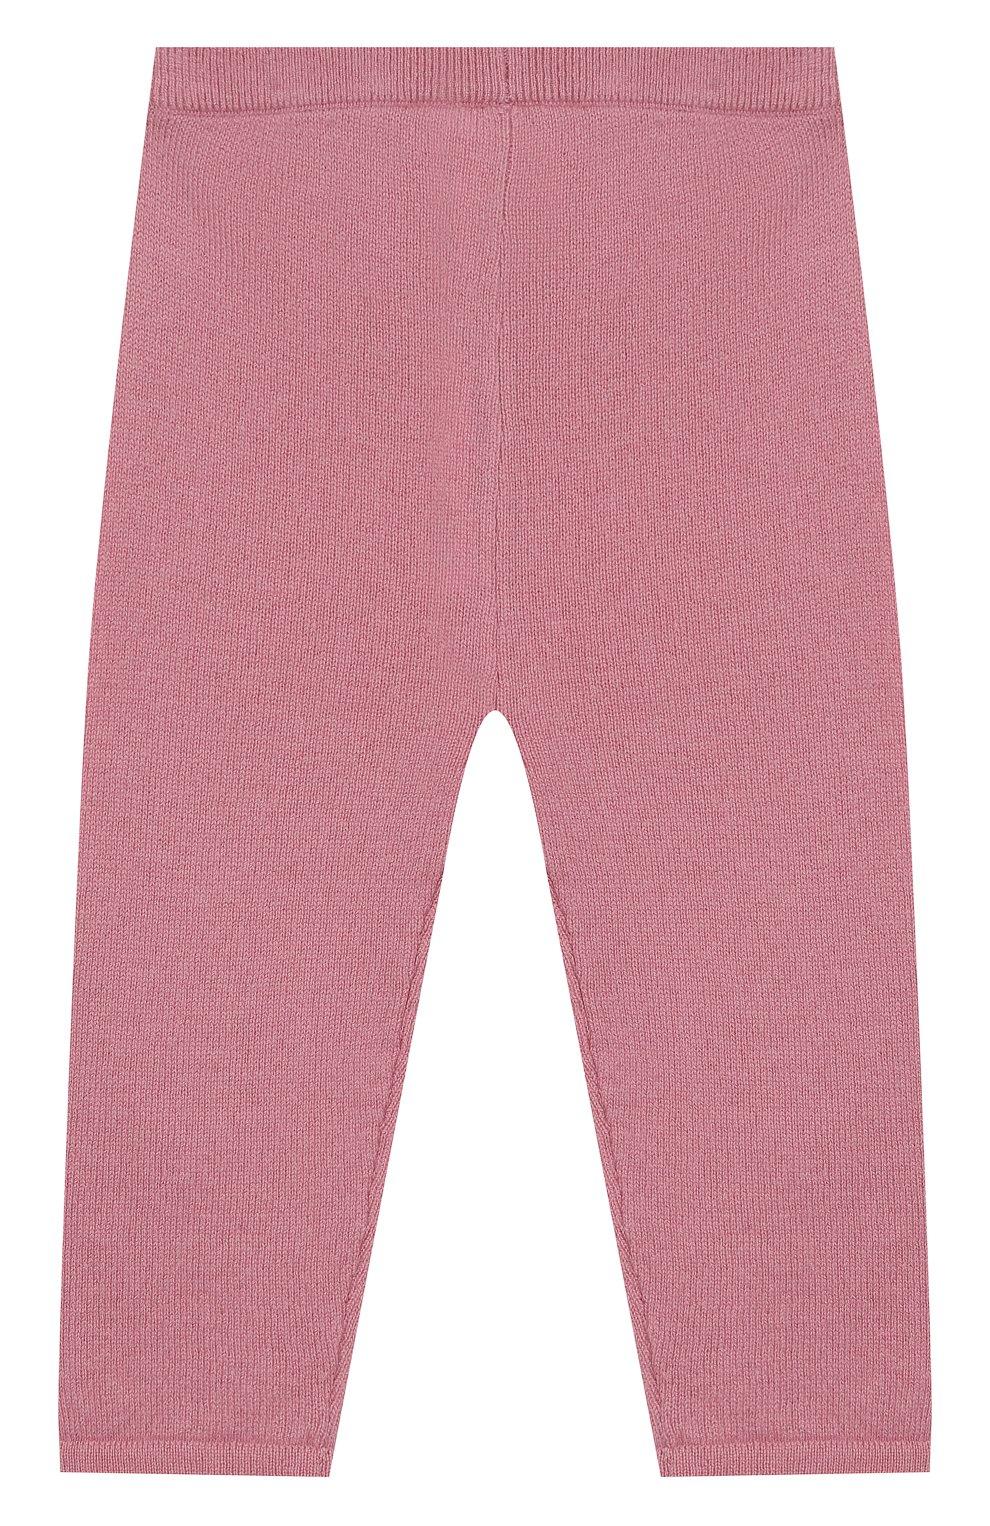 Детские кашемировые брюки LES LUTINS розового цвета, арт. 20E001/LEGGING | Фото 2